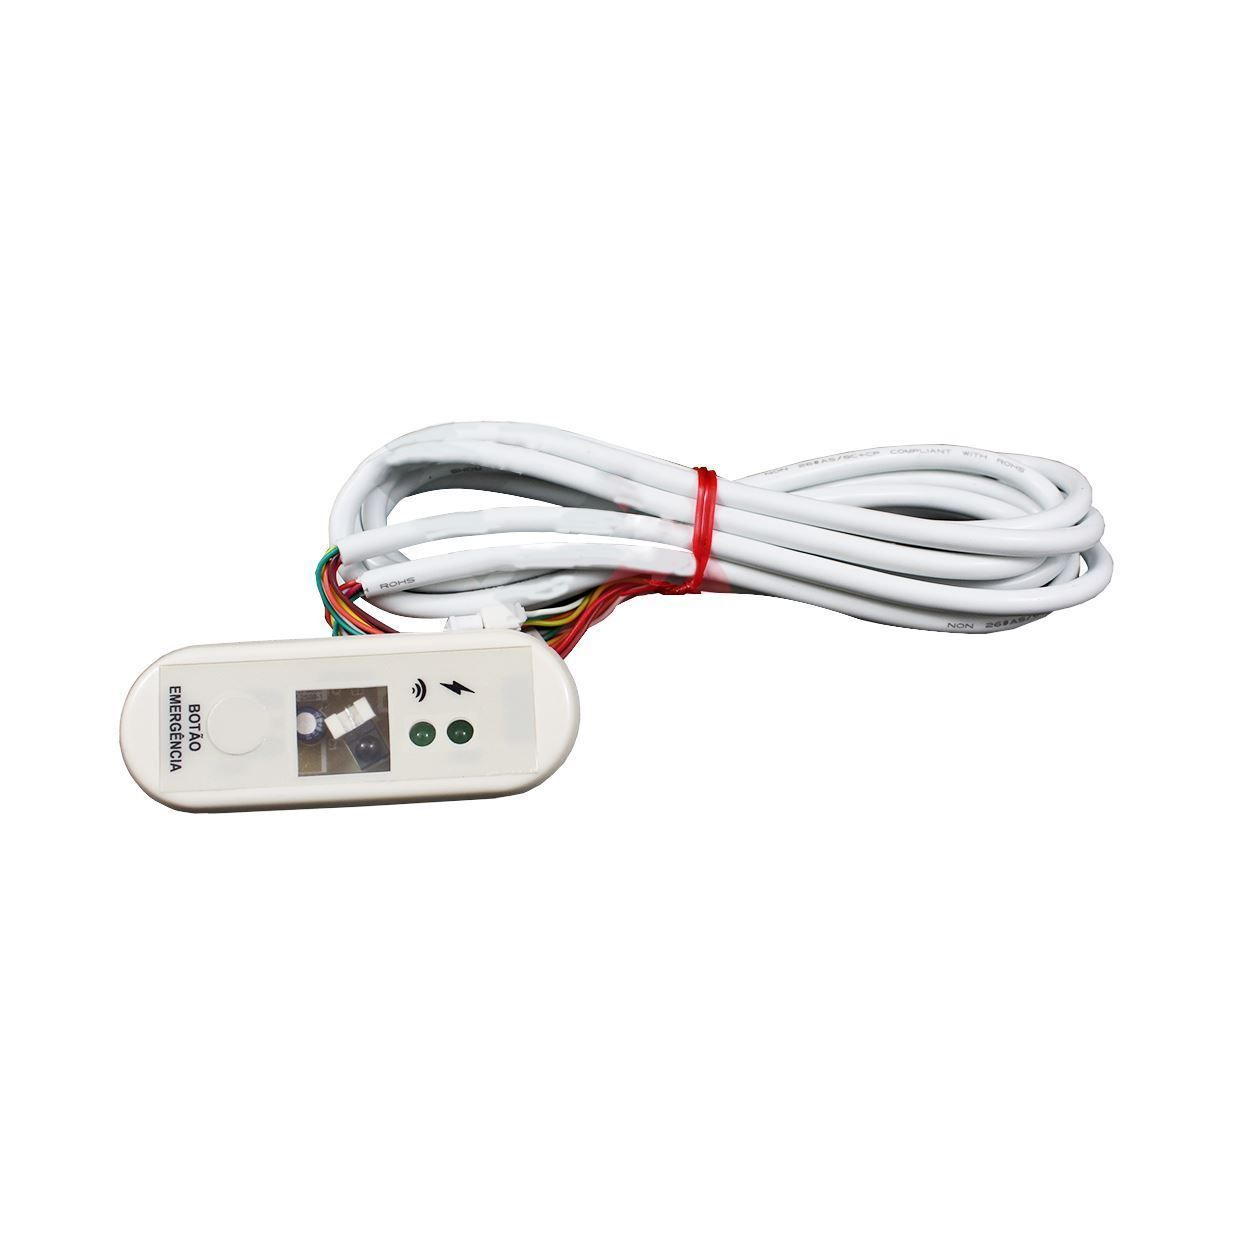 Kit Placa Receptora de Sinais e Sensor Receptor de Sinais Ar Condicionado Hitachi HLD27252A